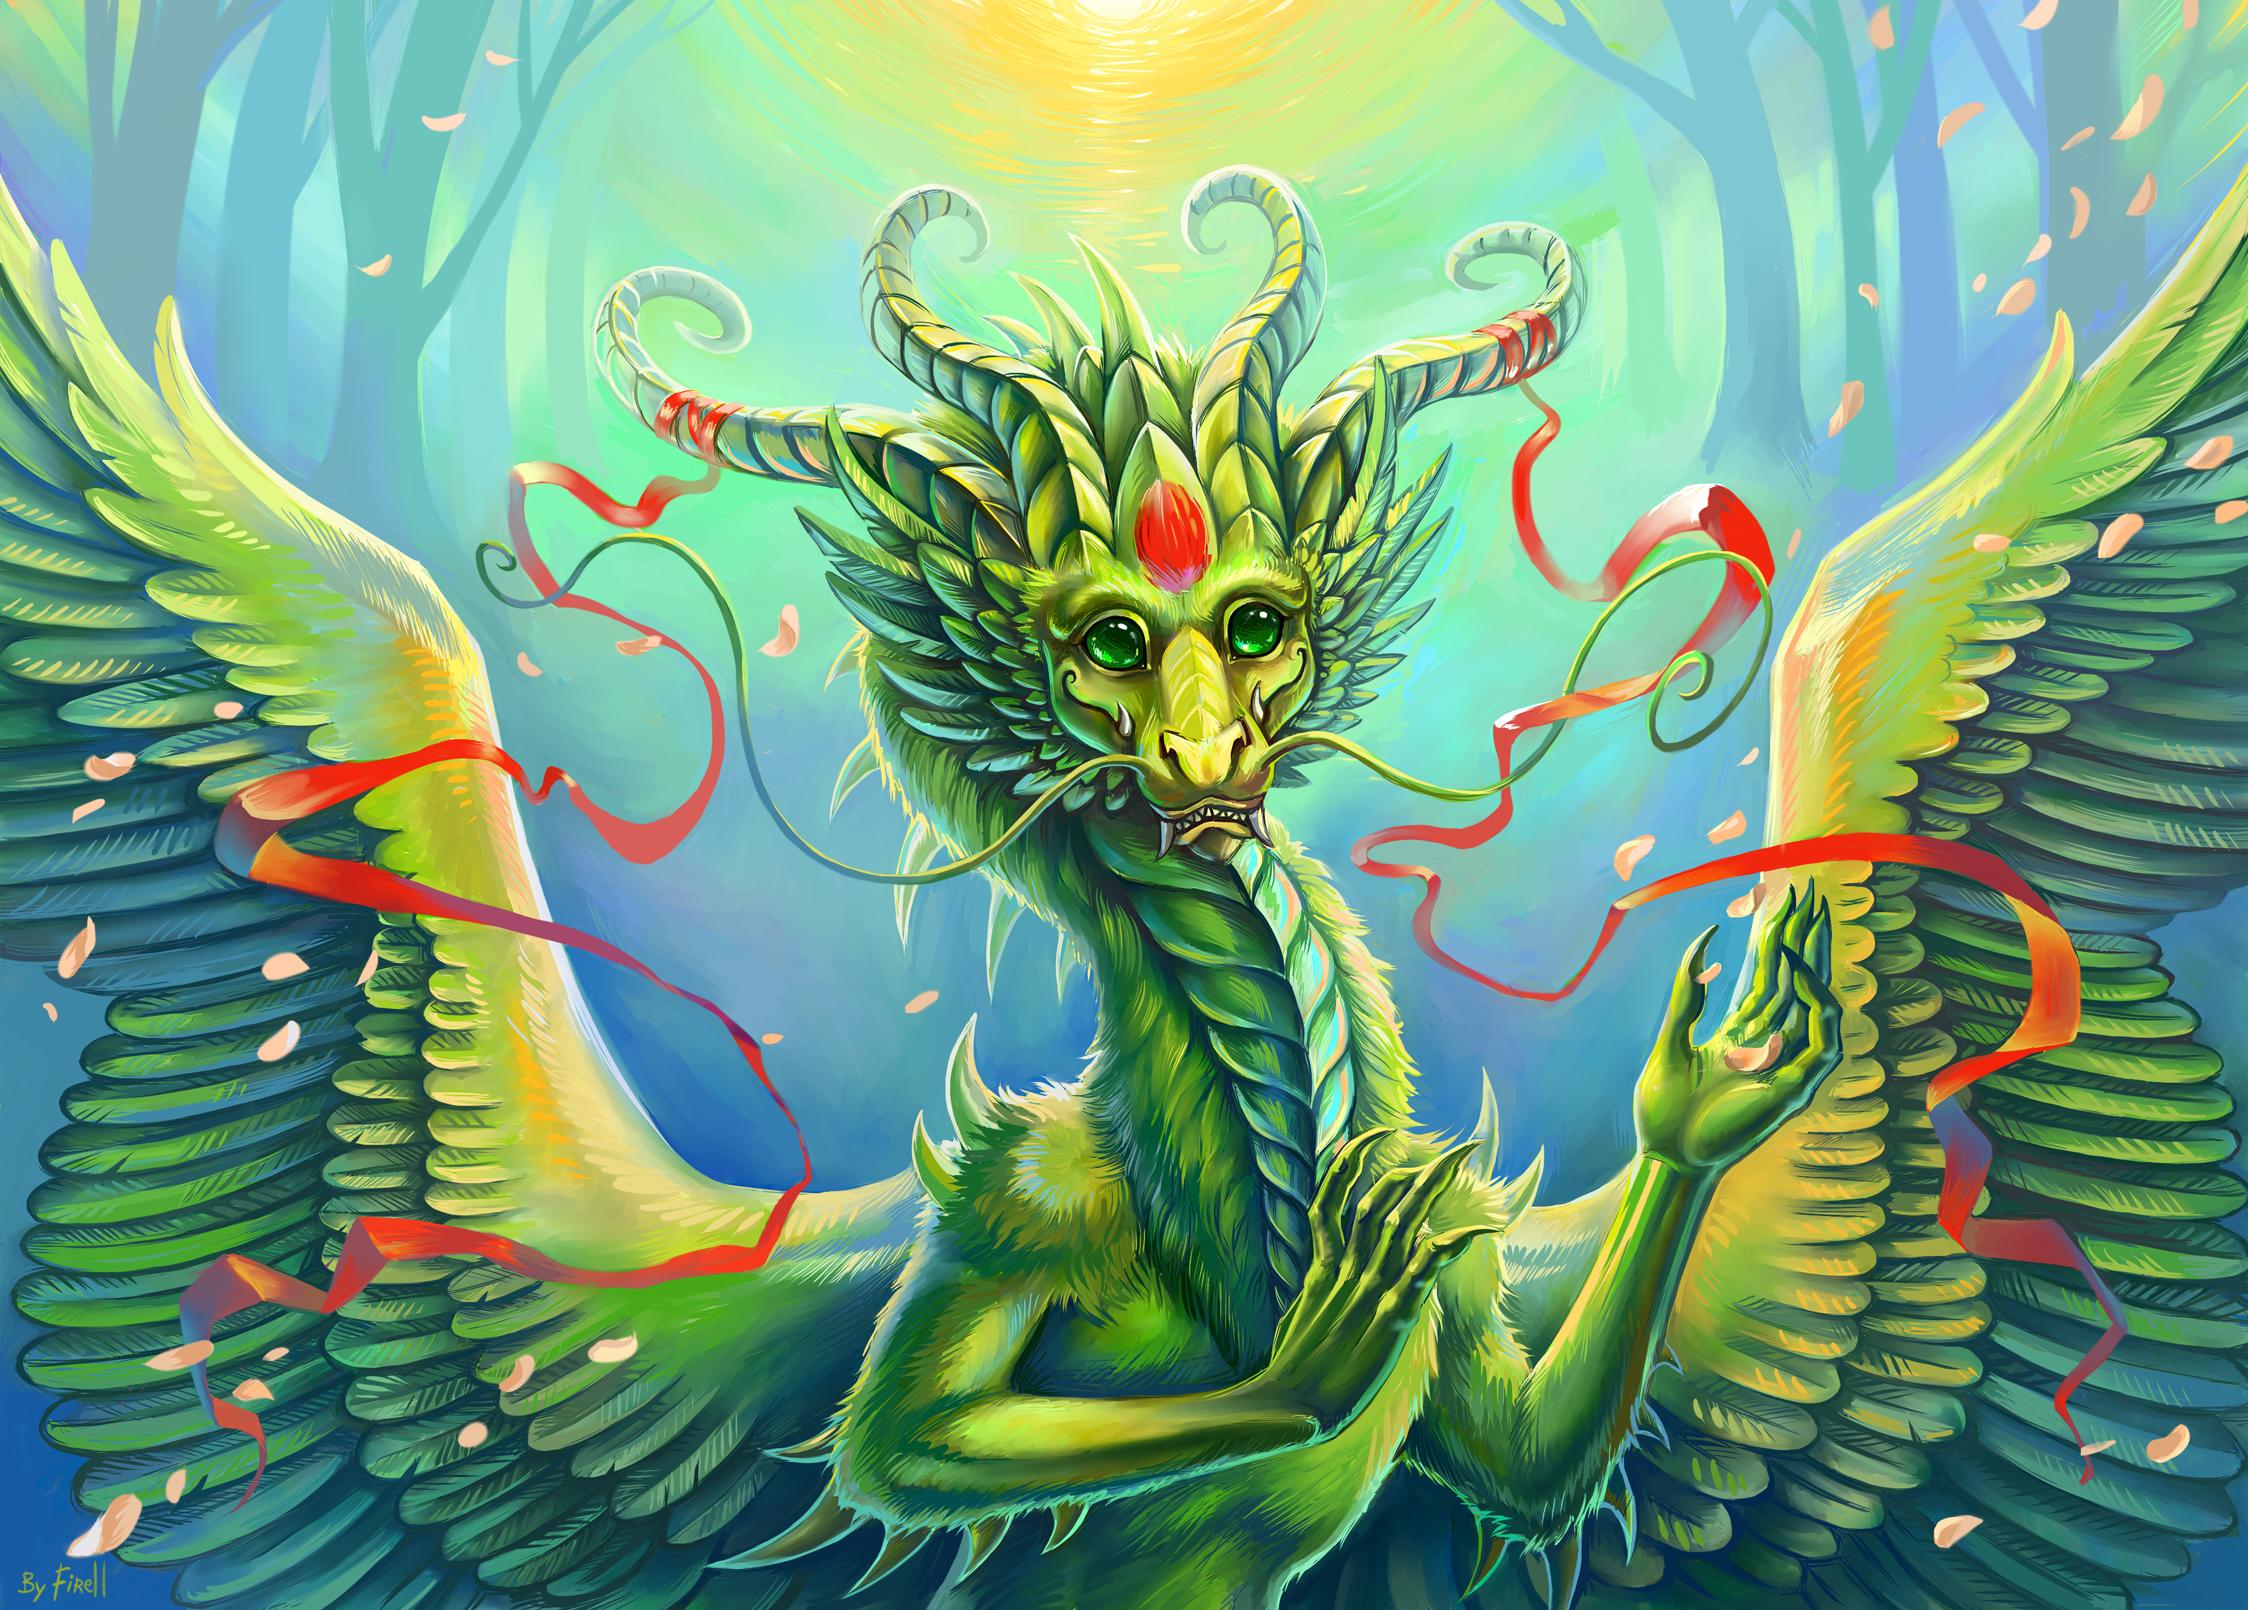 Нарисованый фэнтезийный зеленый дракон  № 3349260 загрузить